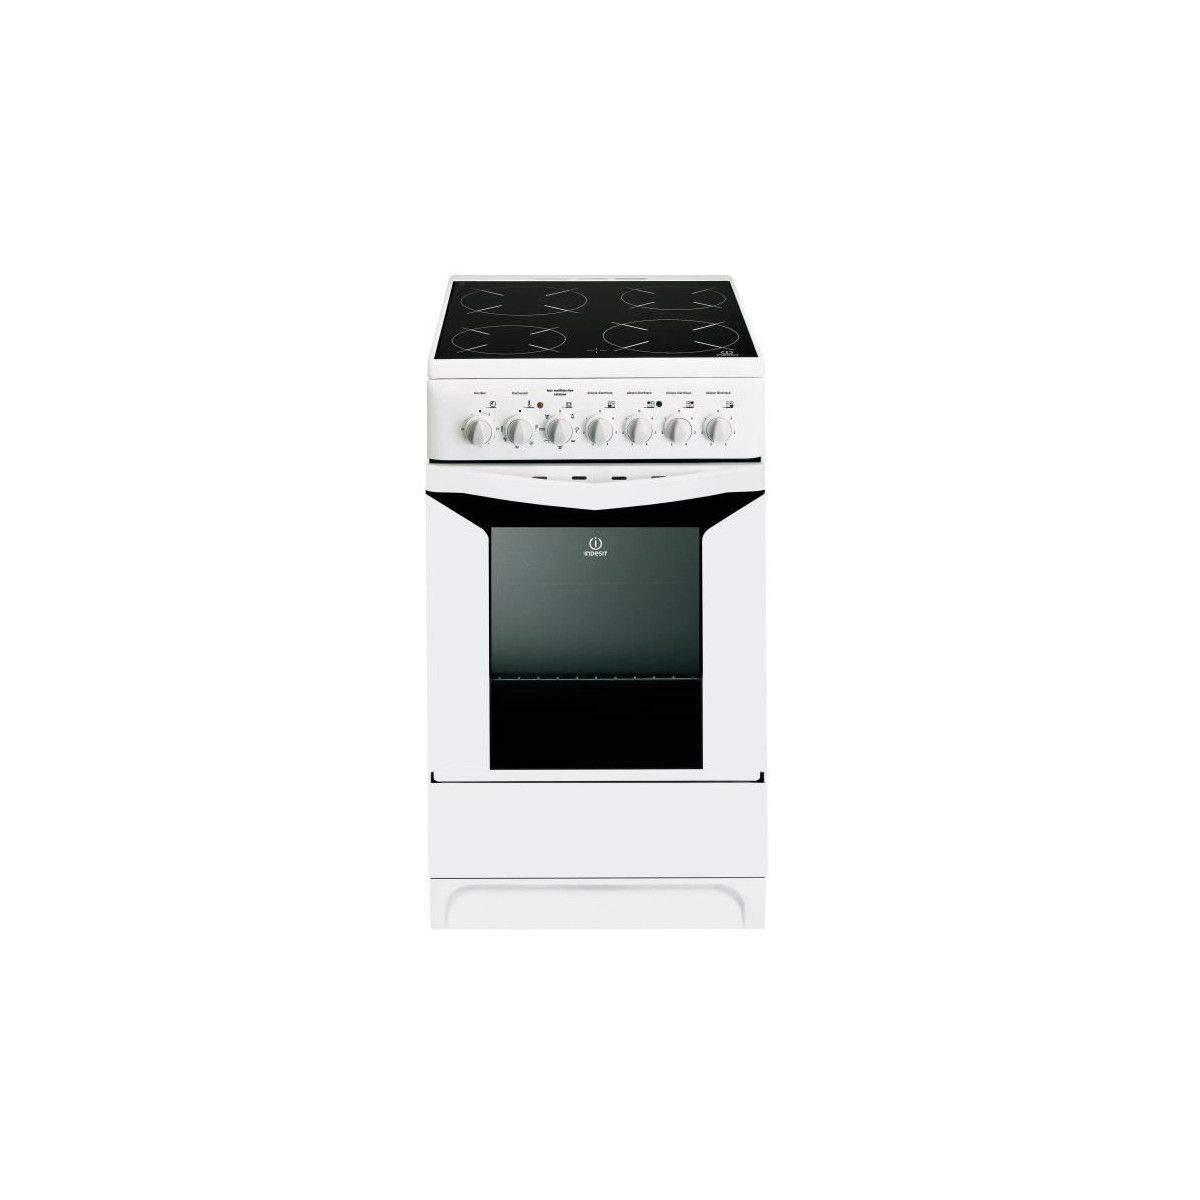 Indesit k3c51wfrs - cuisiniere 50cm vitrocéramique